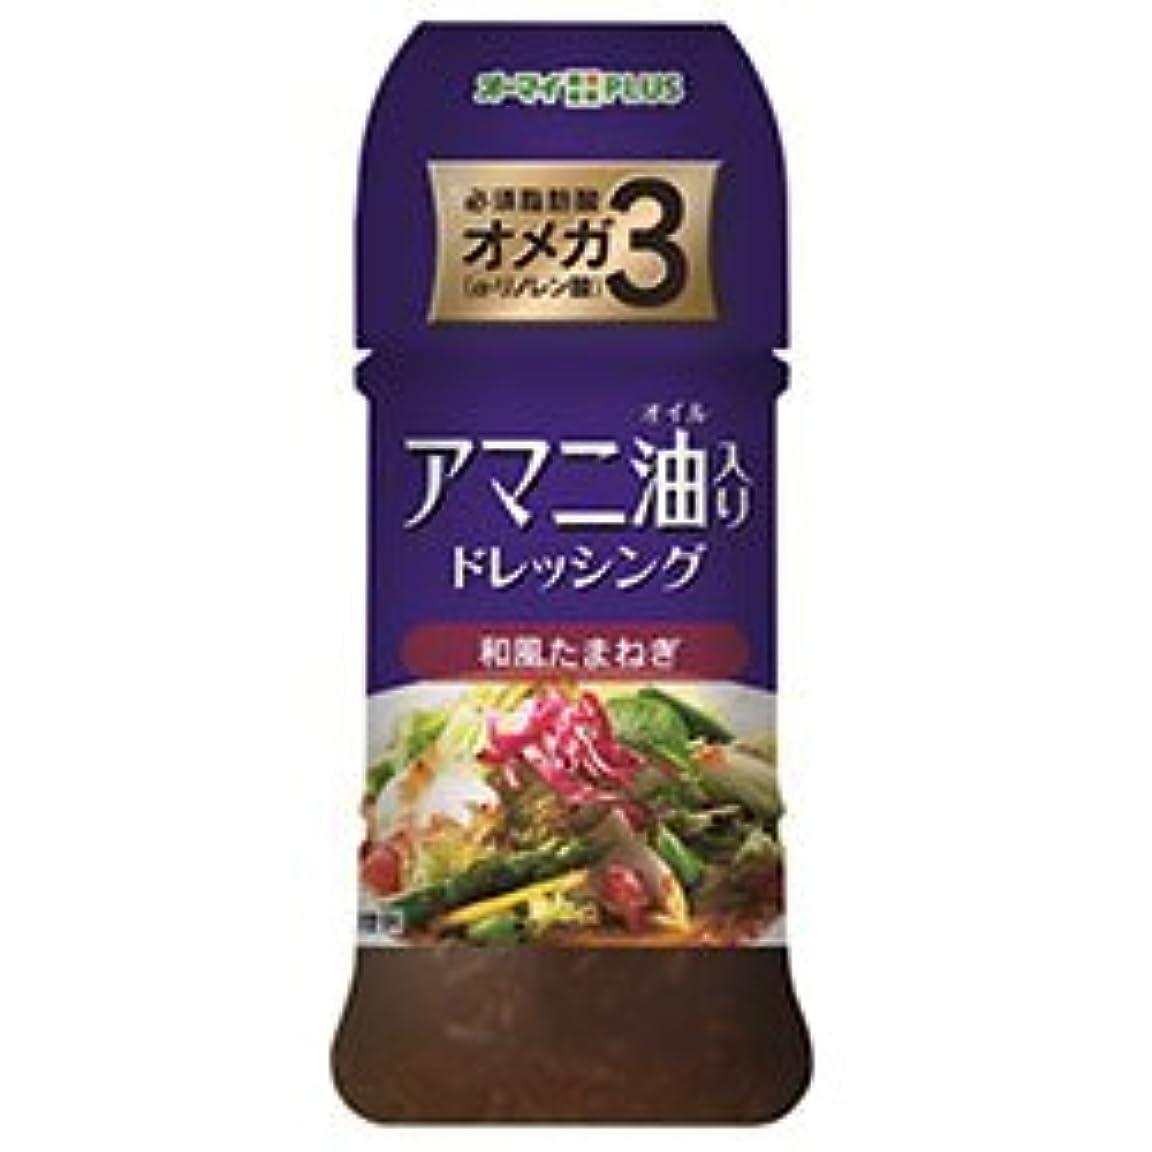 委員長一緒に二日本製粉 オーマイプラス アマニ油入りドレッシング 和風たまねぎ 150ml×12本入×(2ケース)